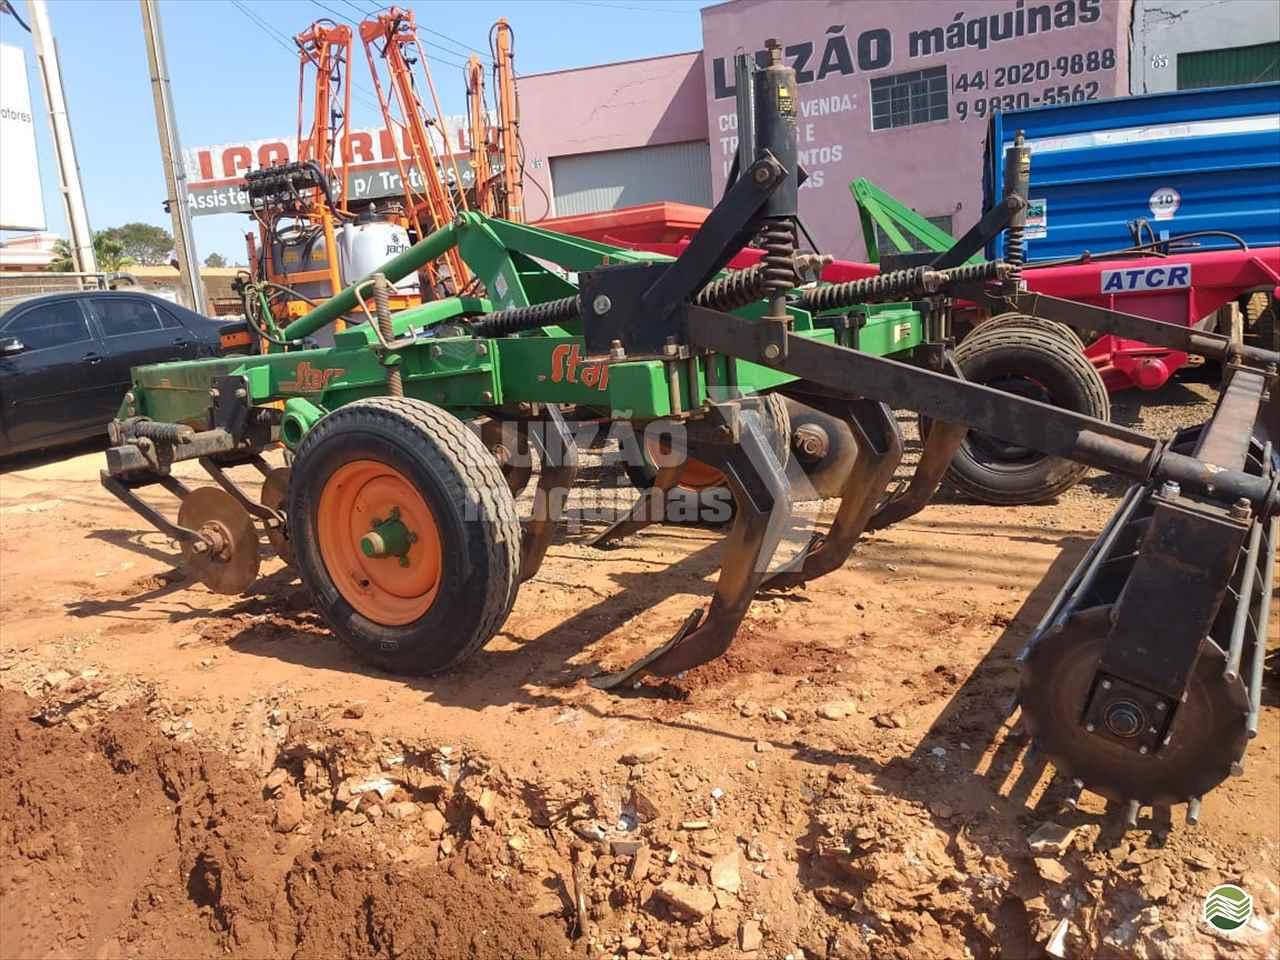 IMPLEMENTOS AGRICOLAS SUBSOLADOR 5 HASTES DISCO CORTE Luizão Máquinas Agrícolas UMUARAMA PARANÁ PR